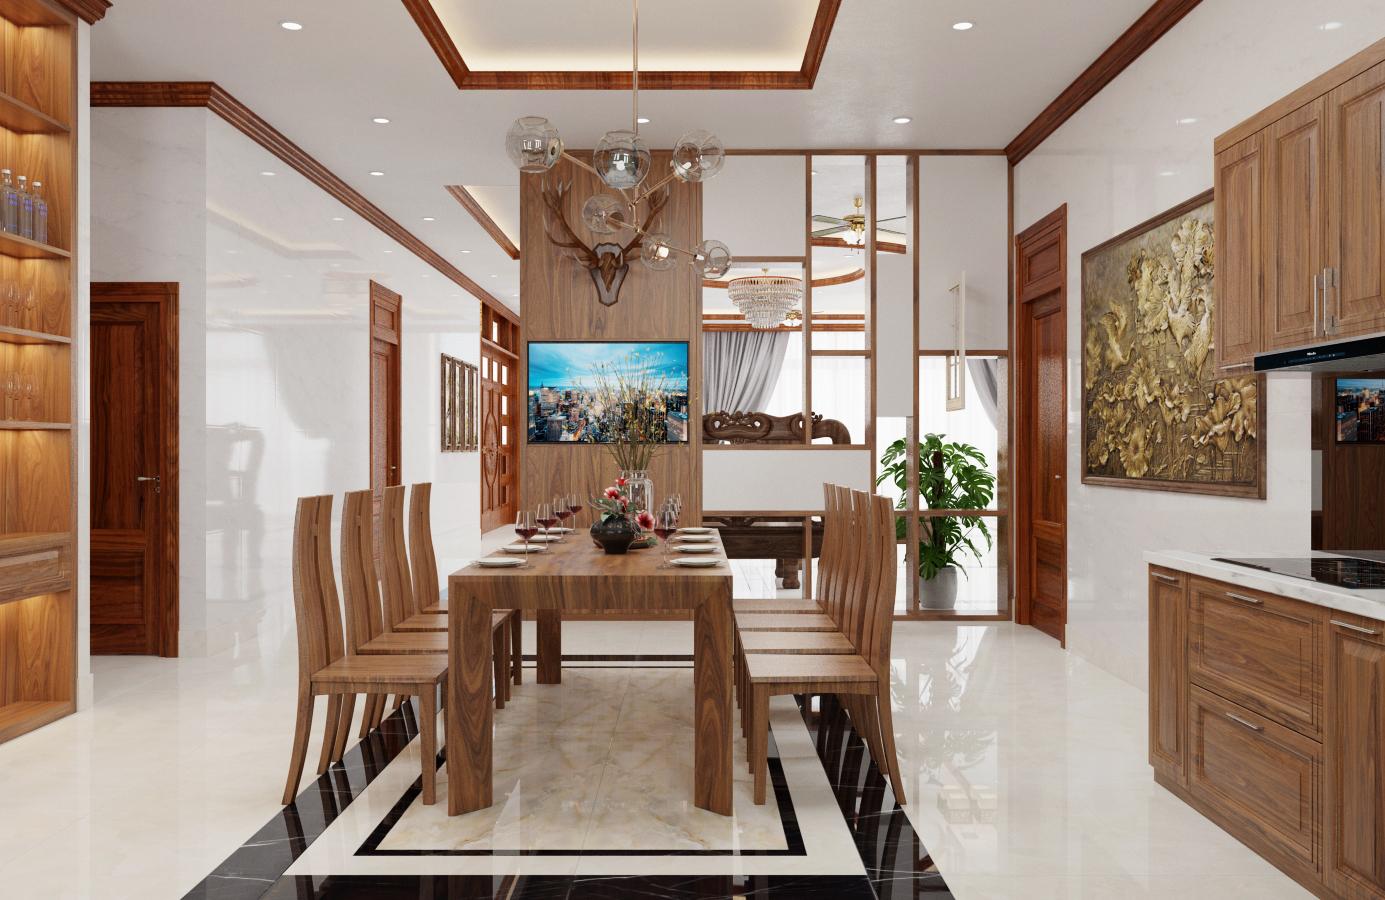 Thiết kế nội thất Biệt Thự tại Nam Định Living House 1573645676 2